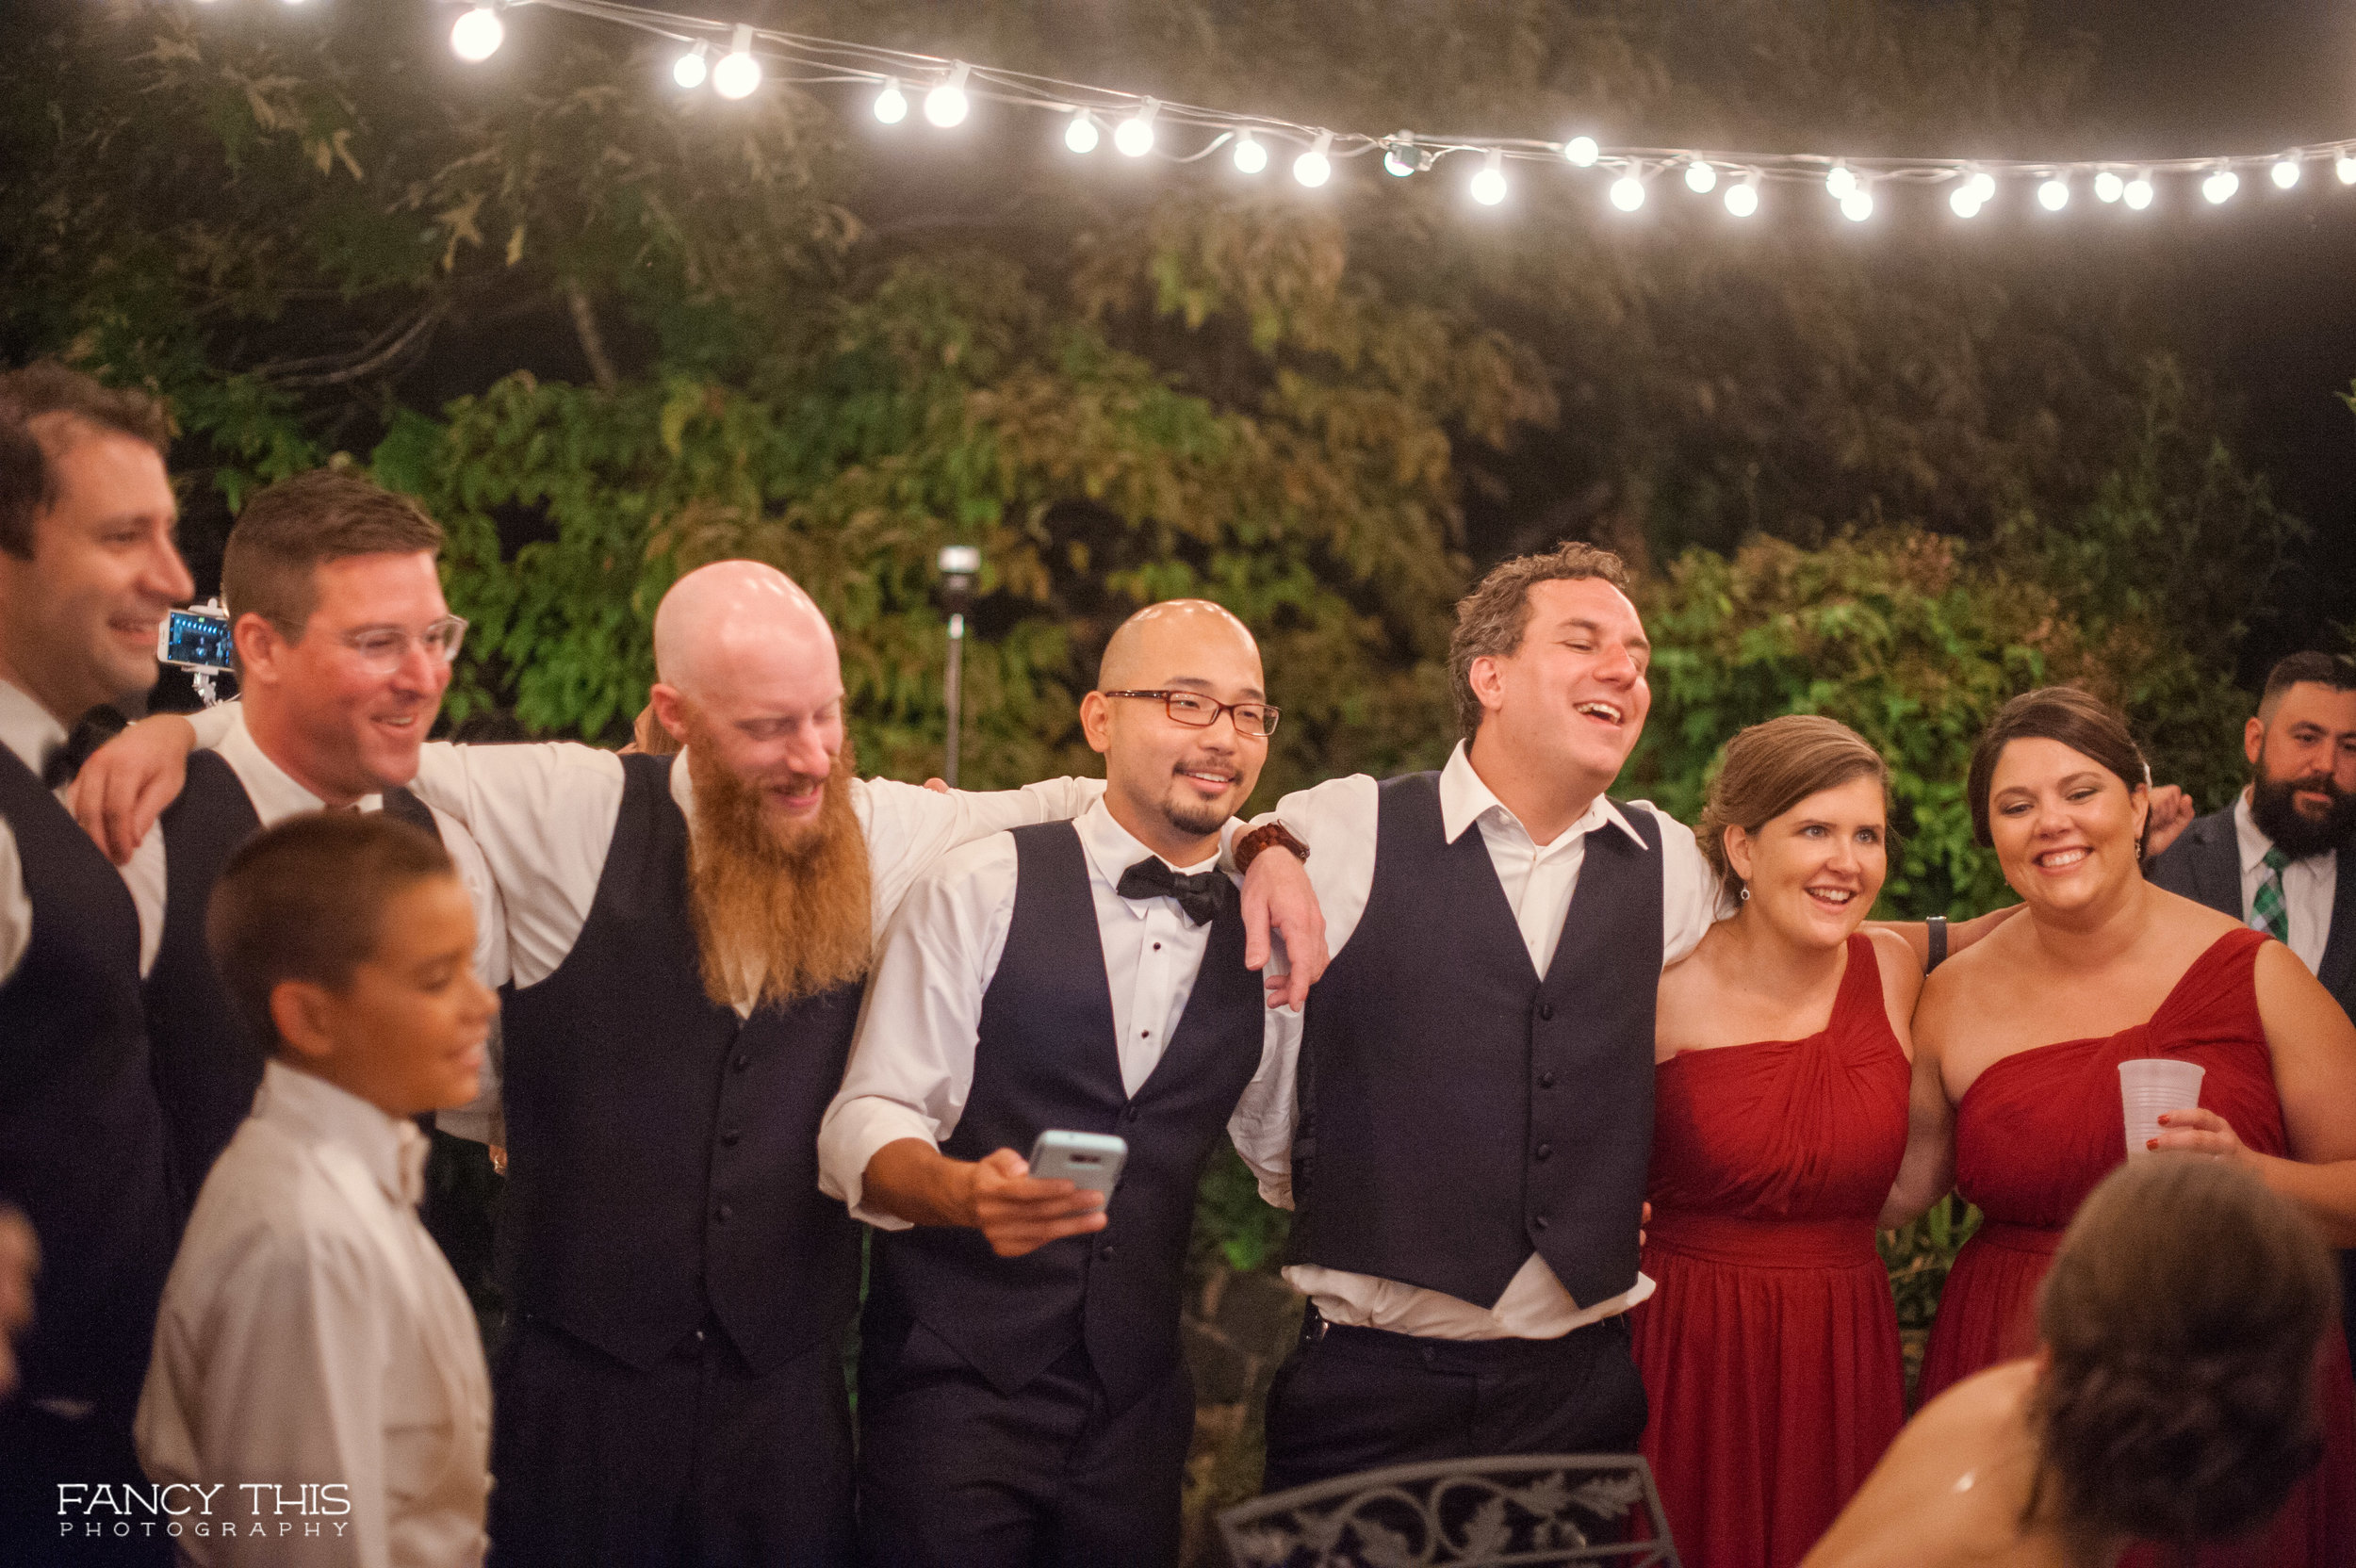 garrettanddiana_wedding_lo-res-671.jpg